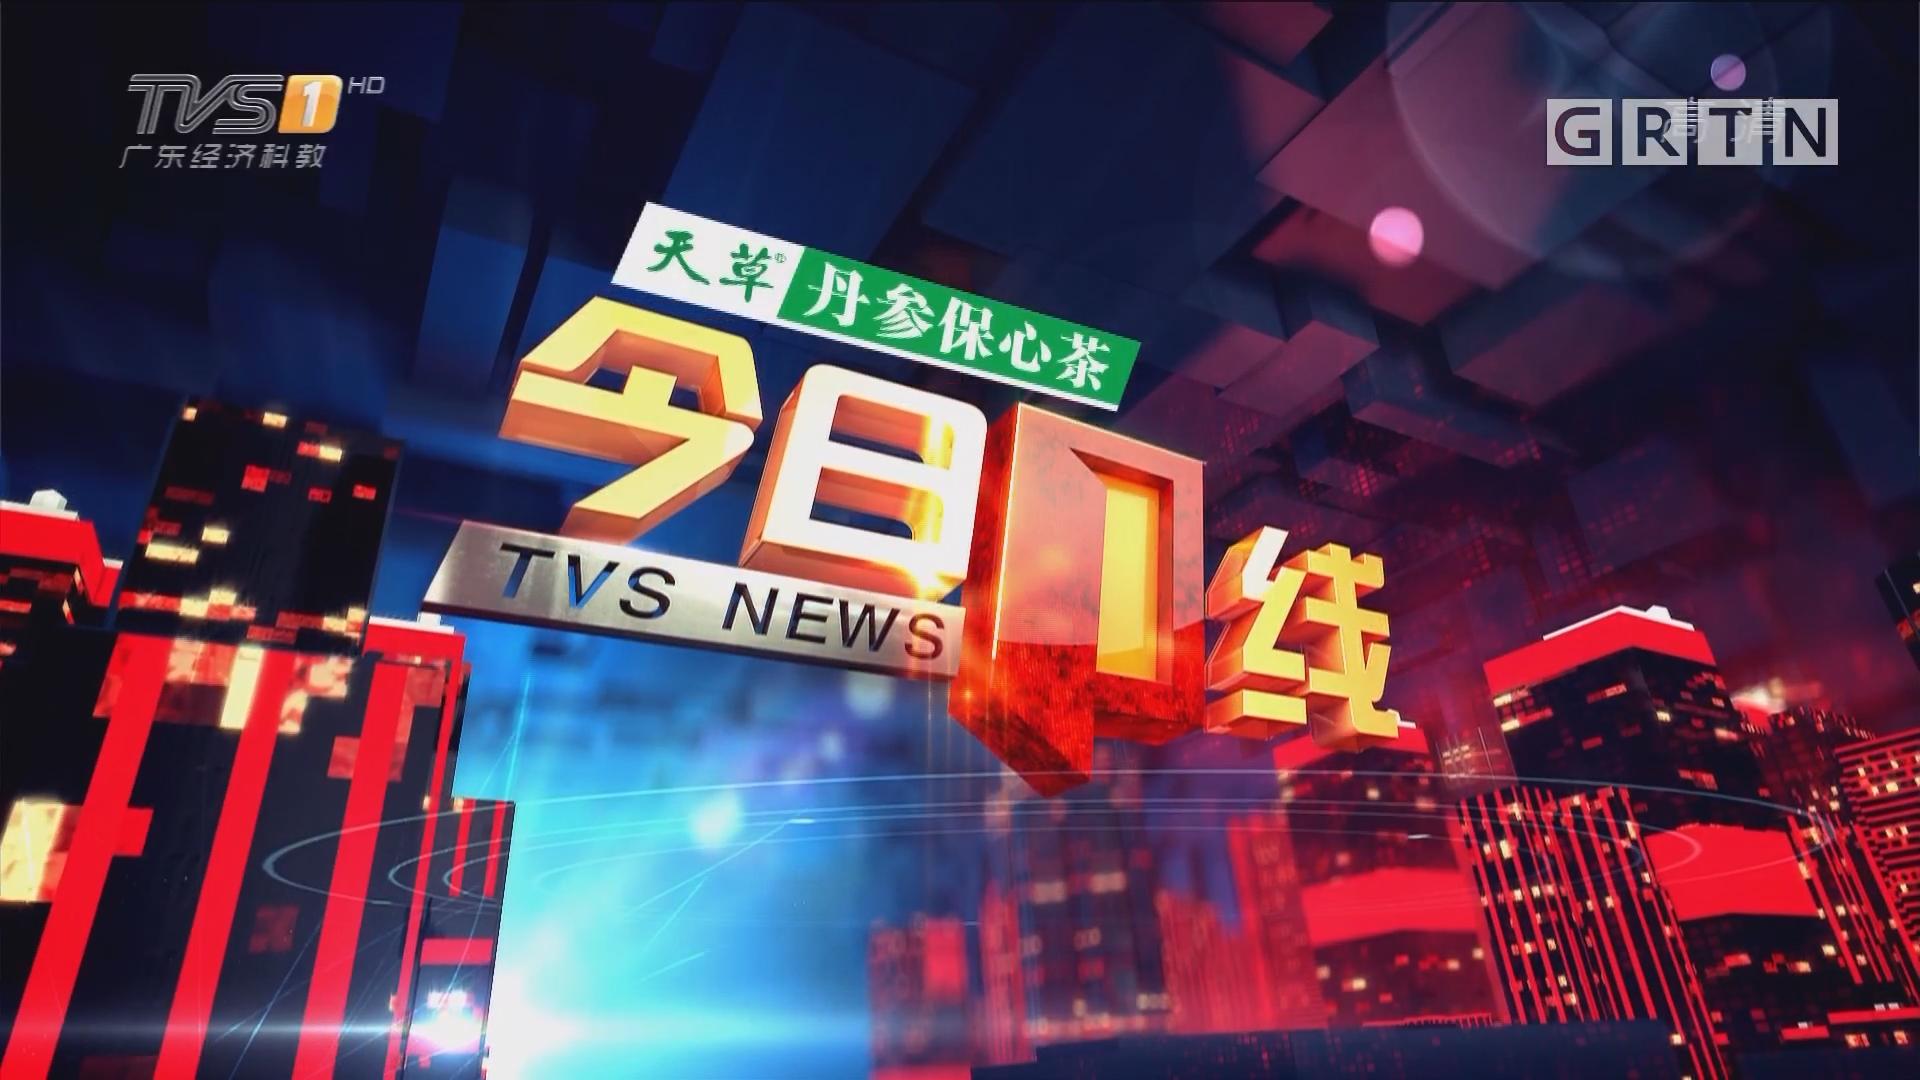 """[HD][2018-07-17]今日一线:关注台风""""山神"""":湛江徐闻 台风""""山神""""逼近 琼州海峡停航"""